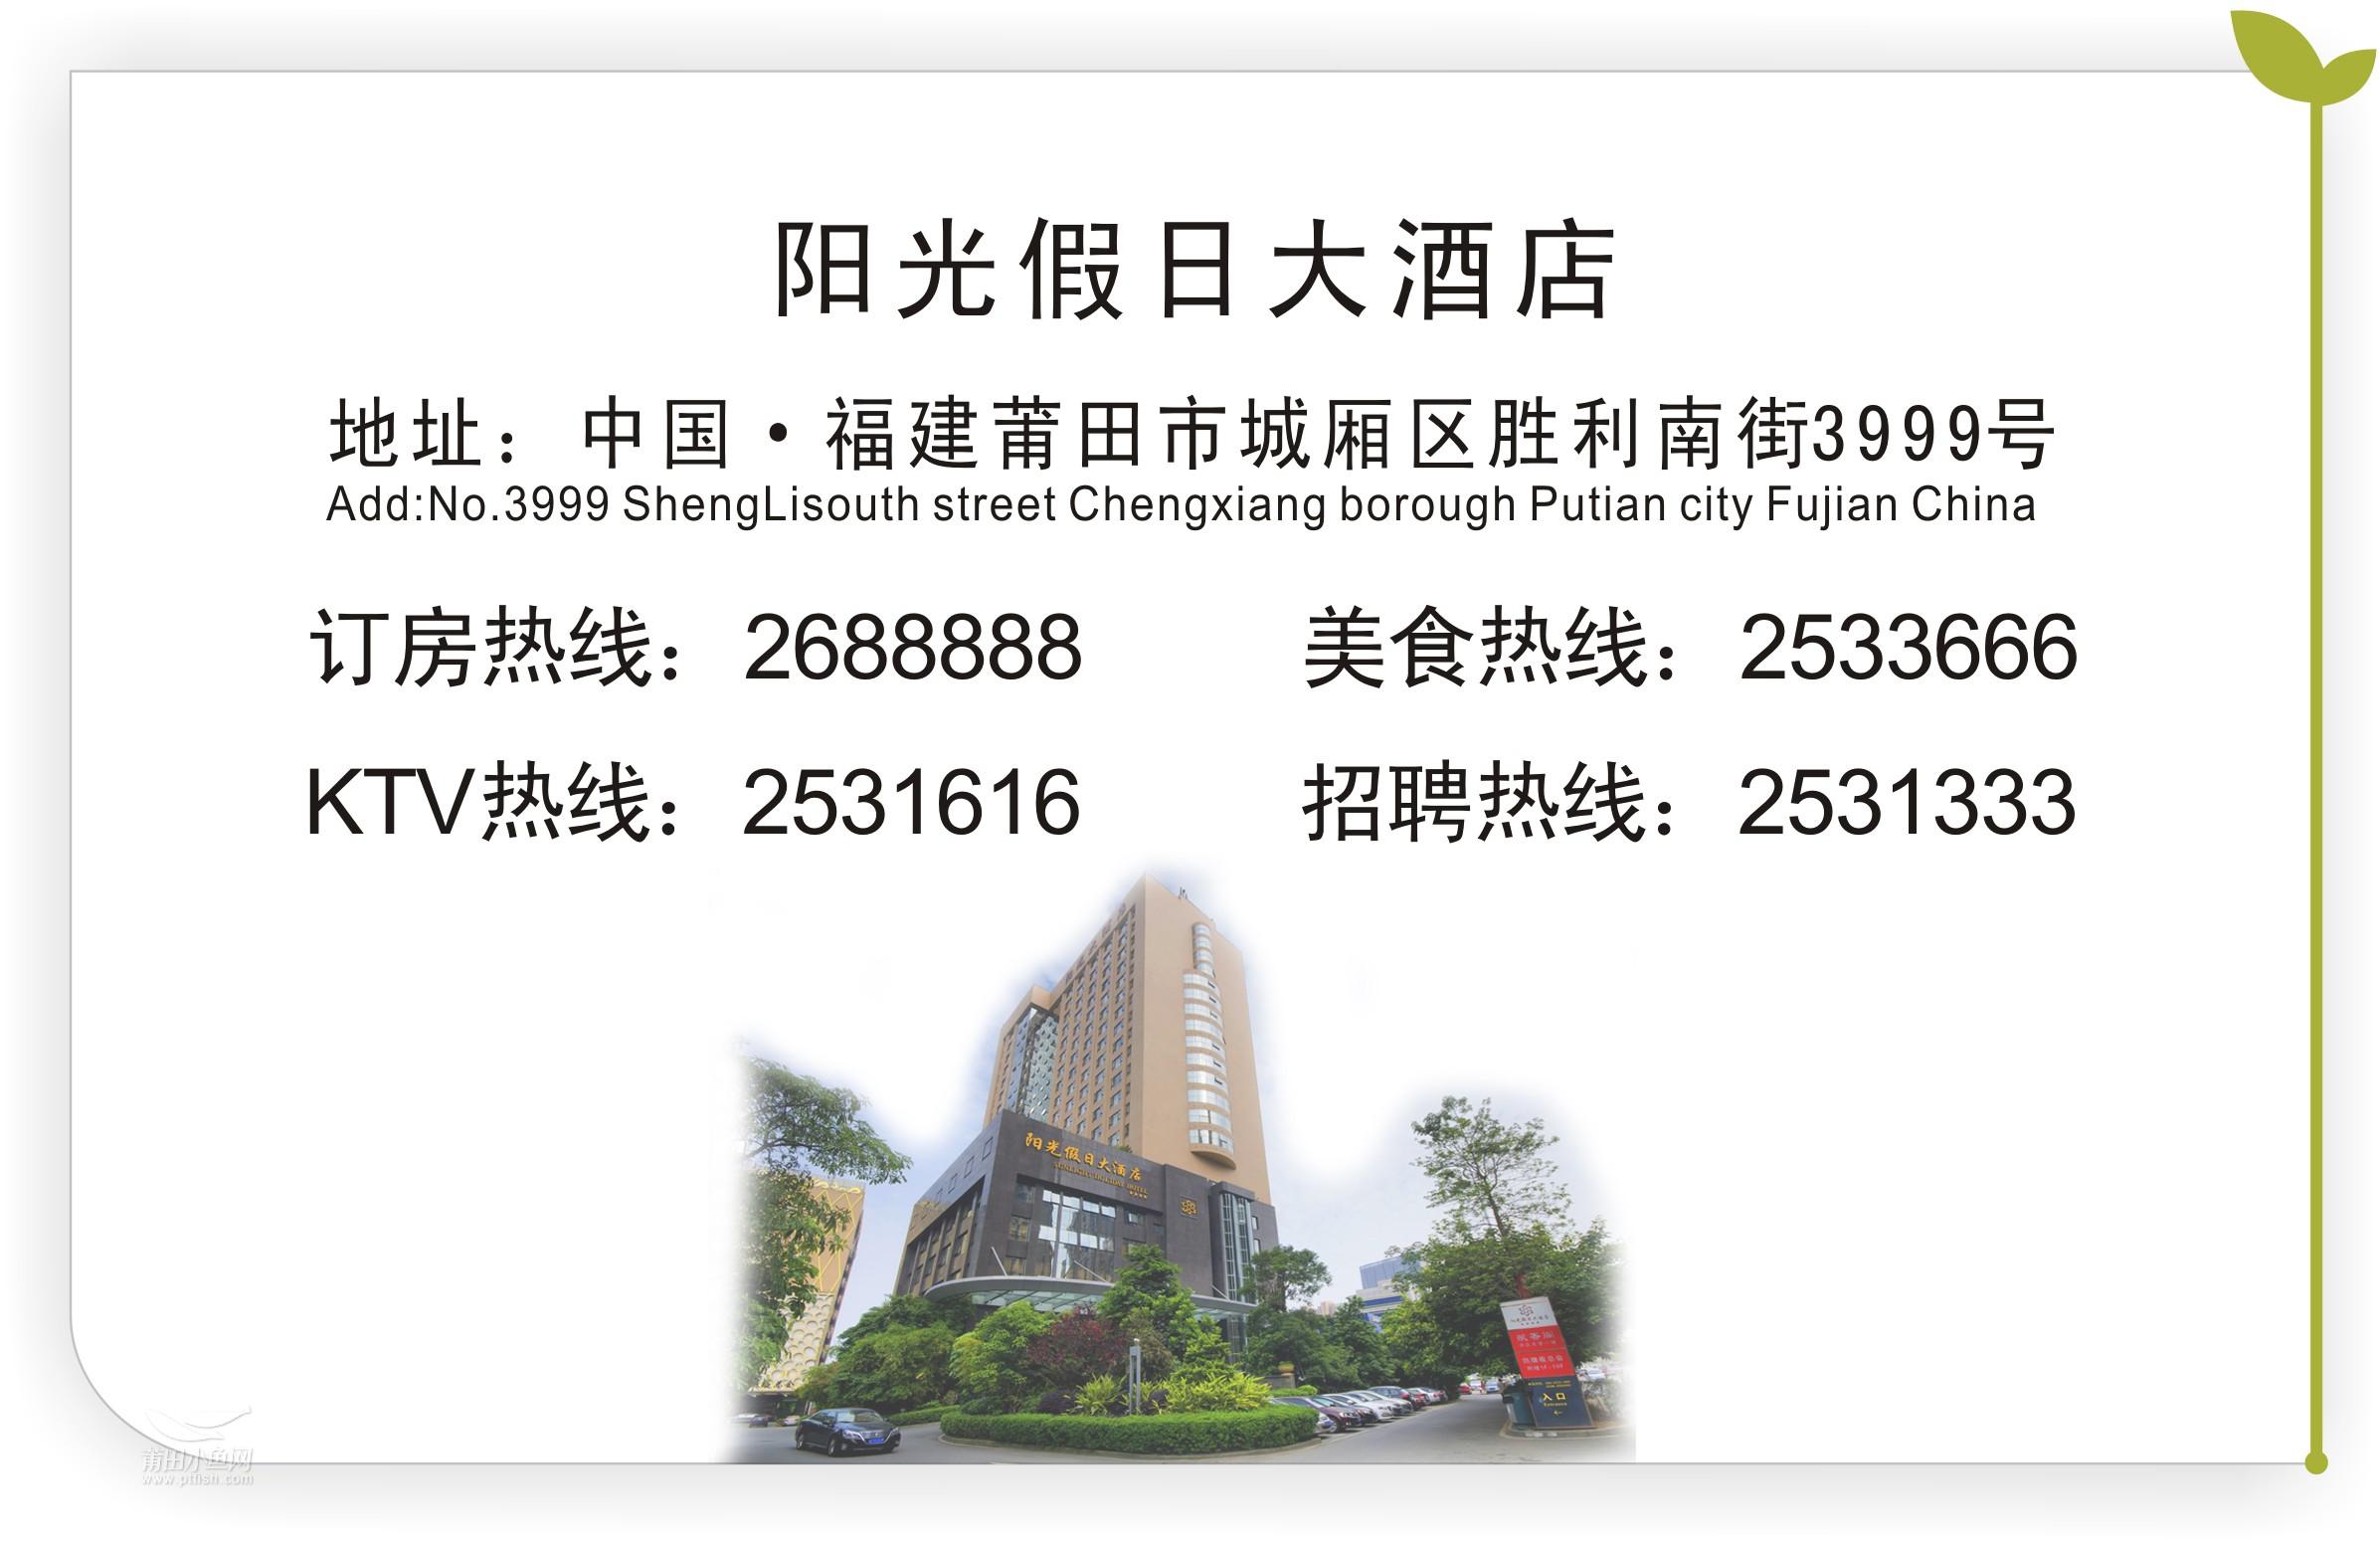 微信公众c地址.jpg